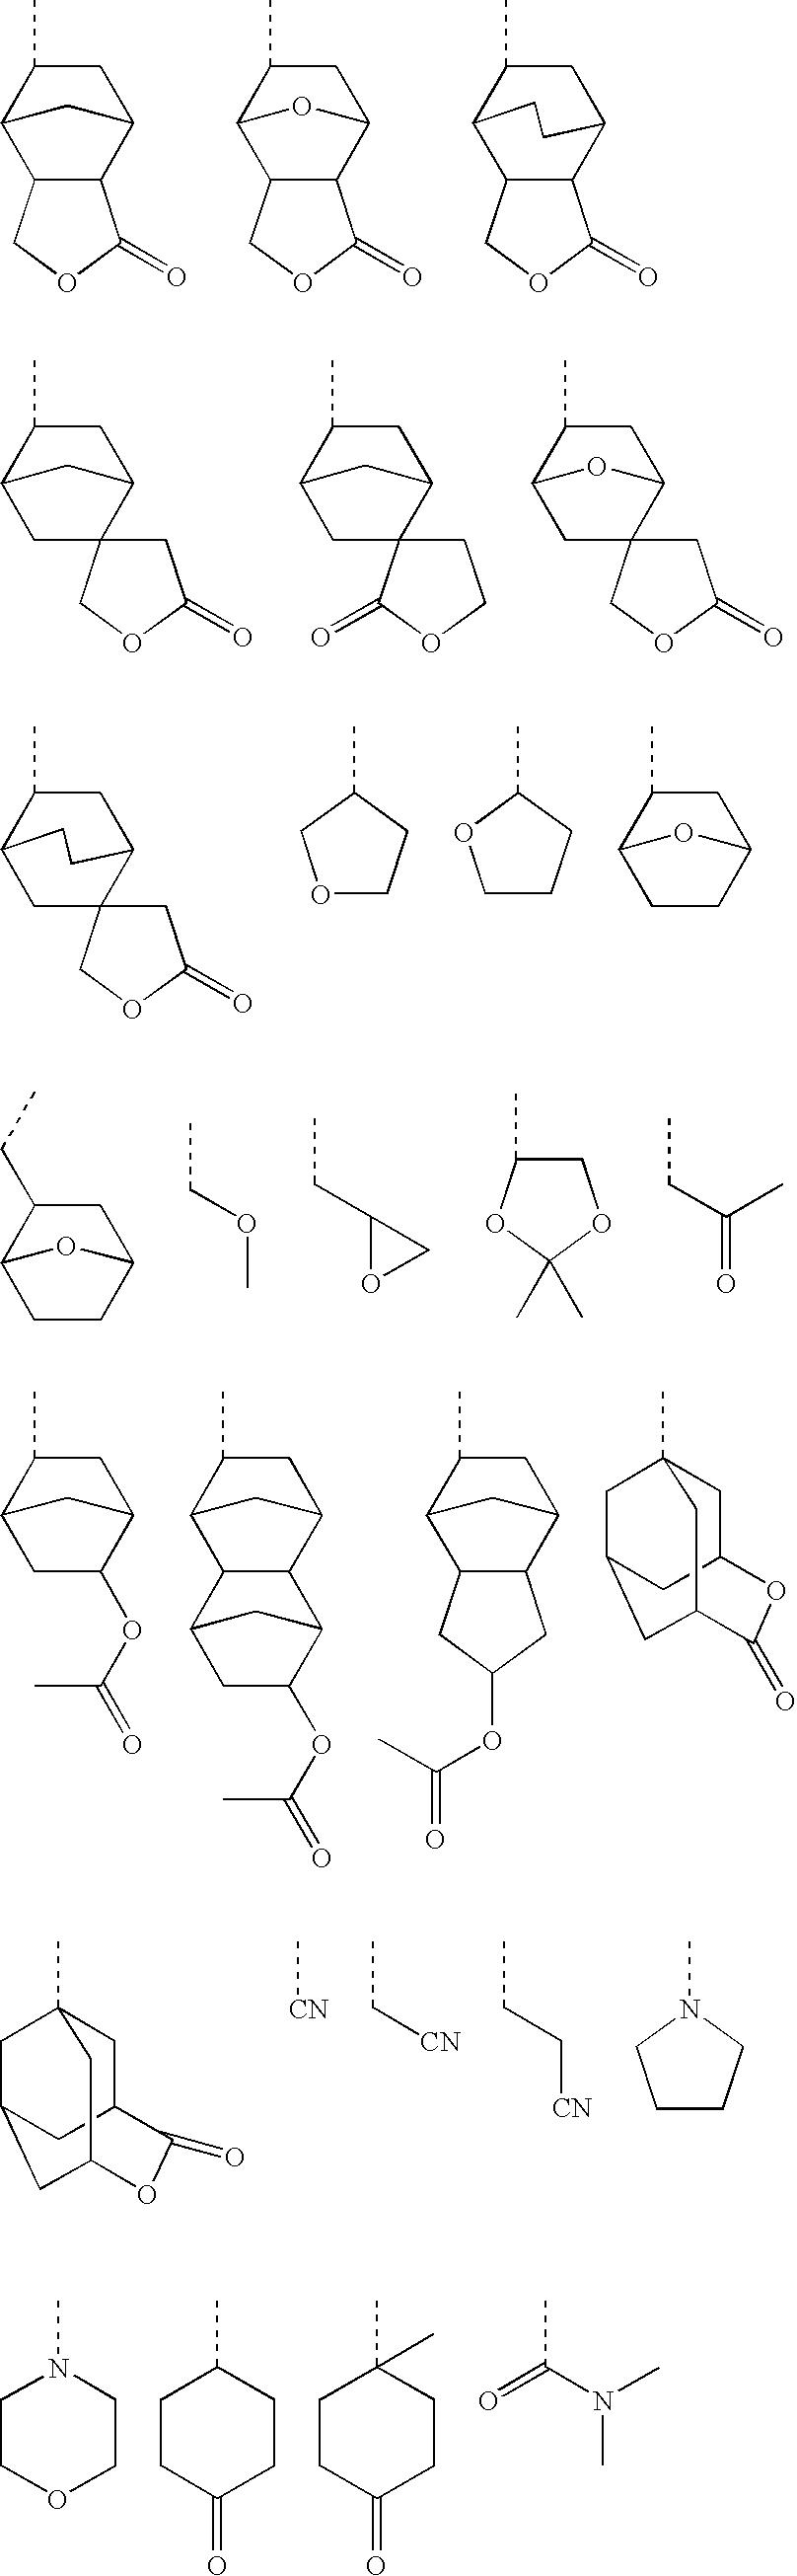 Figure US20090280434A1-20091112-C00025